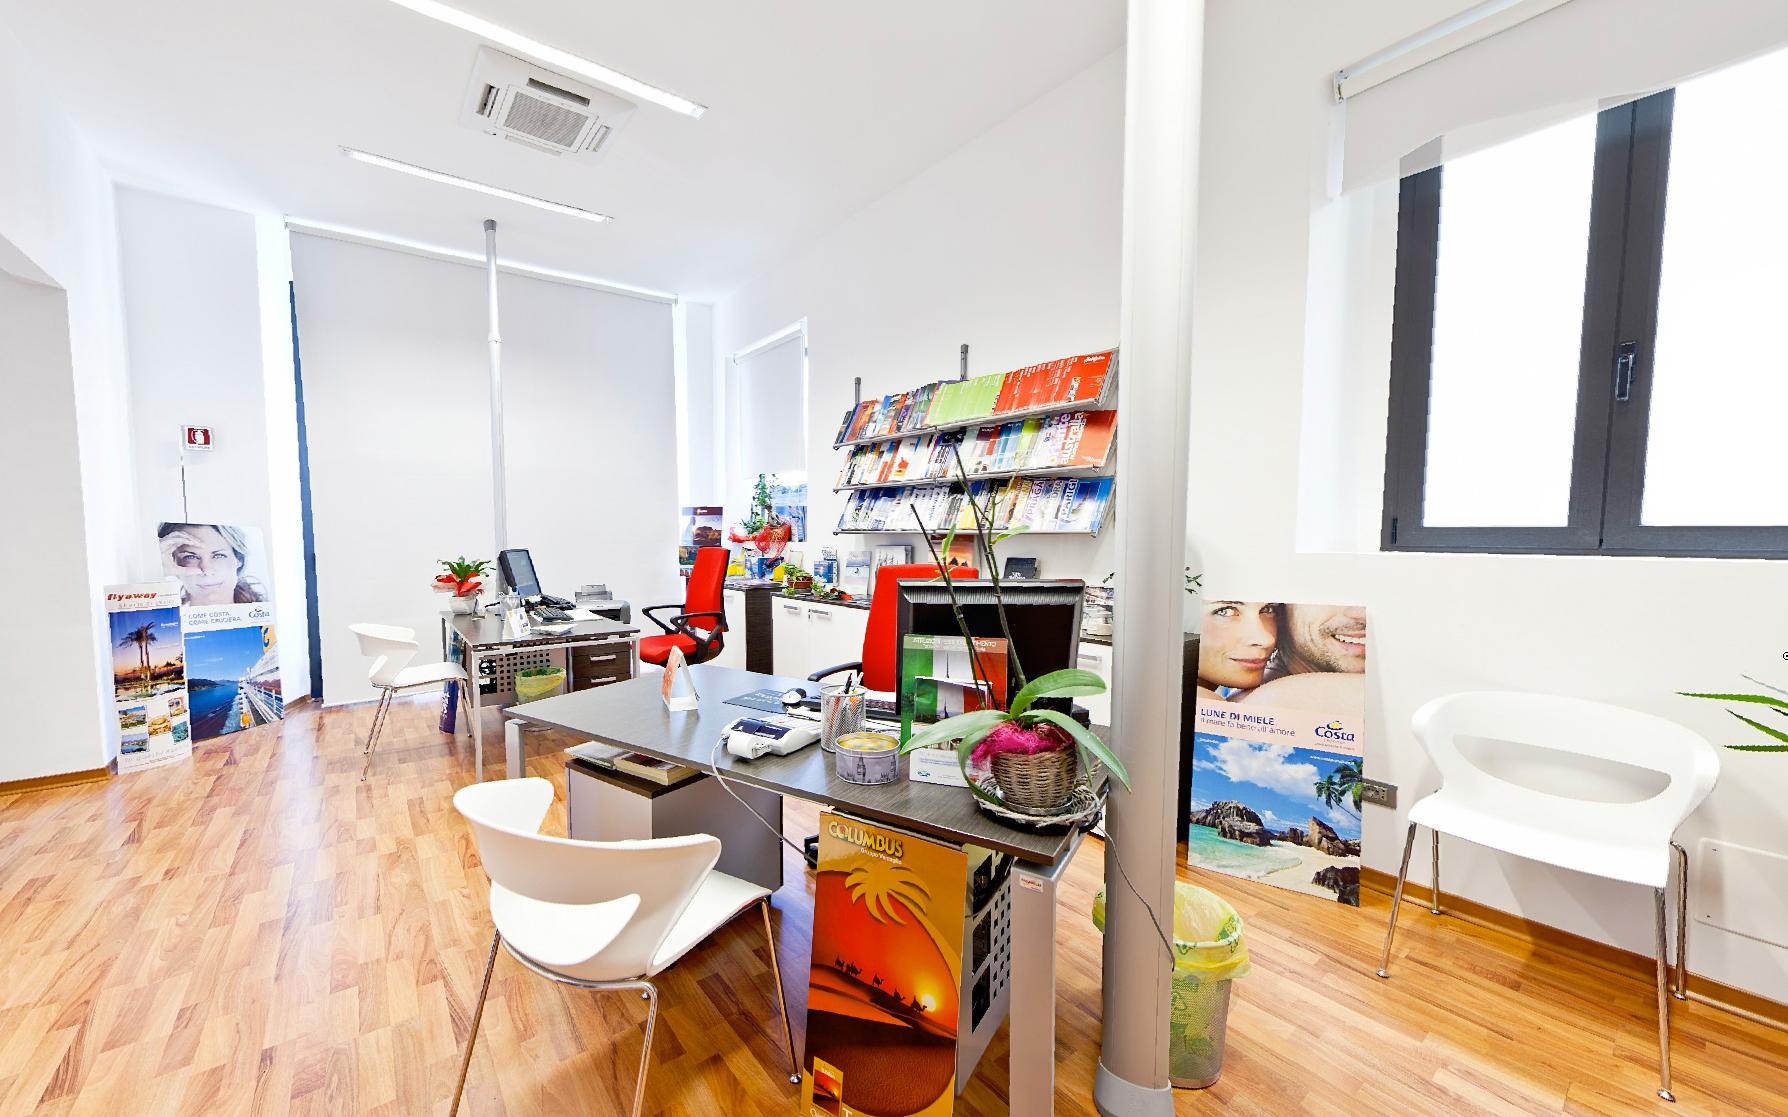 Idee arredamento agenzia viaggi immagini ispirazione sul for Arredamento per agenzia immobiliare